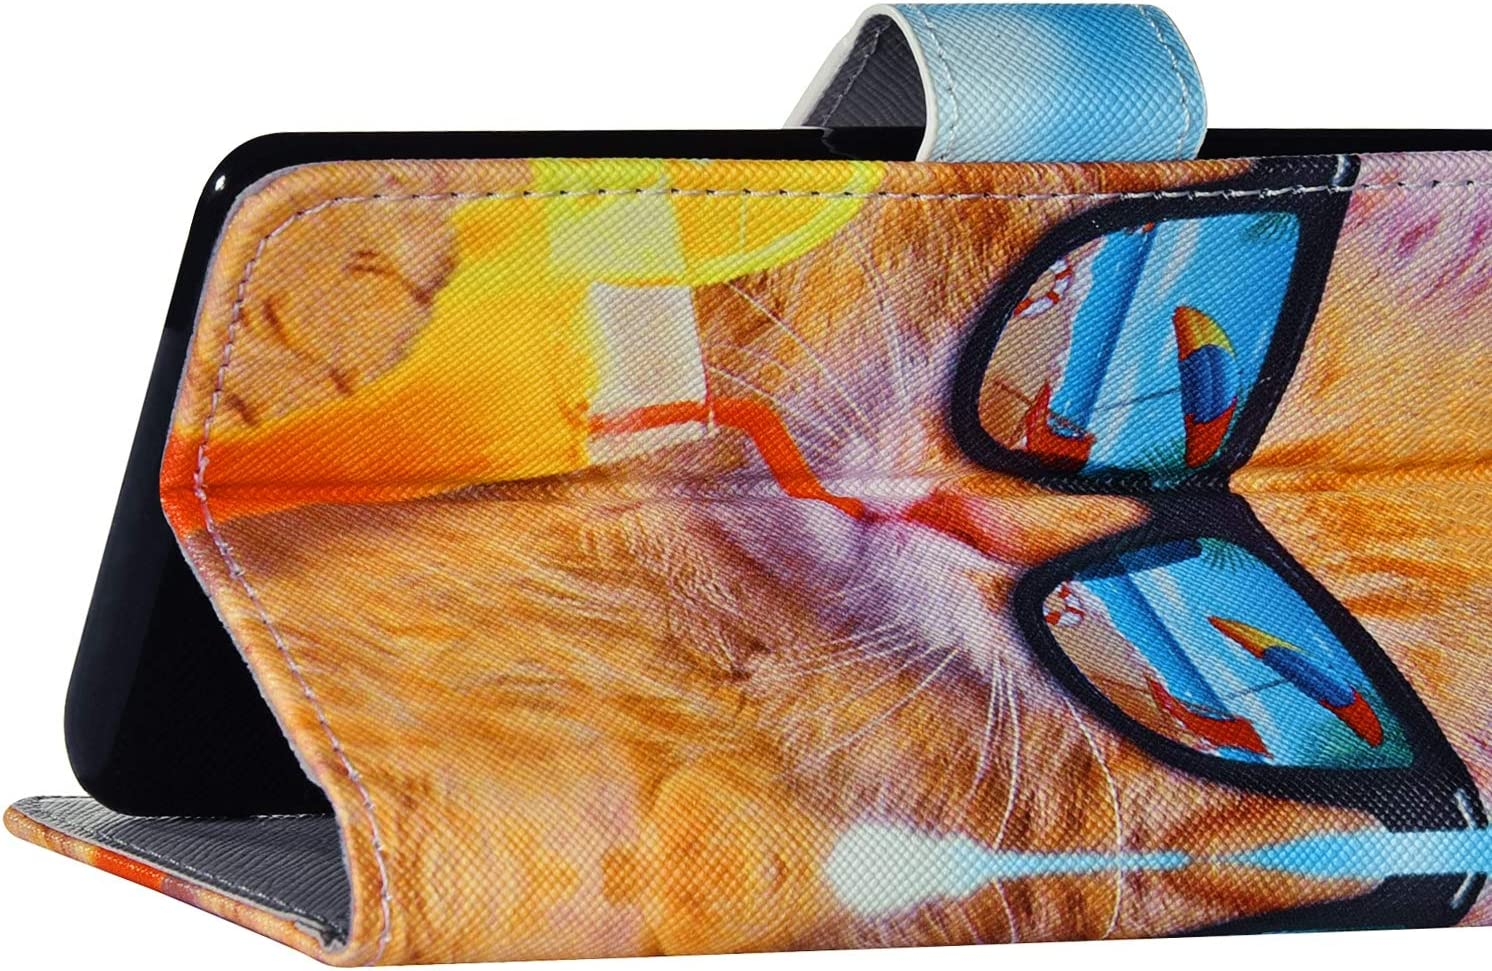 Surakey Handyh/ülle f/ür iPhone 11 H/ülle,iPhone 11 Schutzh/ülle Retro Muster PU Leder Tasche Flip Case Brieftasche Lederh/ülle Handytasche mit Kartenf/ächer St/änder,Schwarze Autobahn